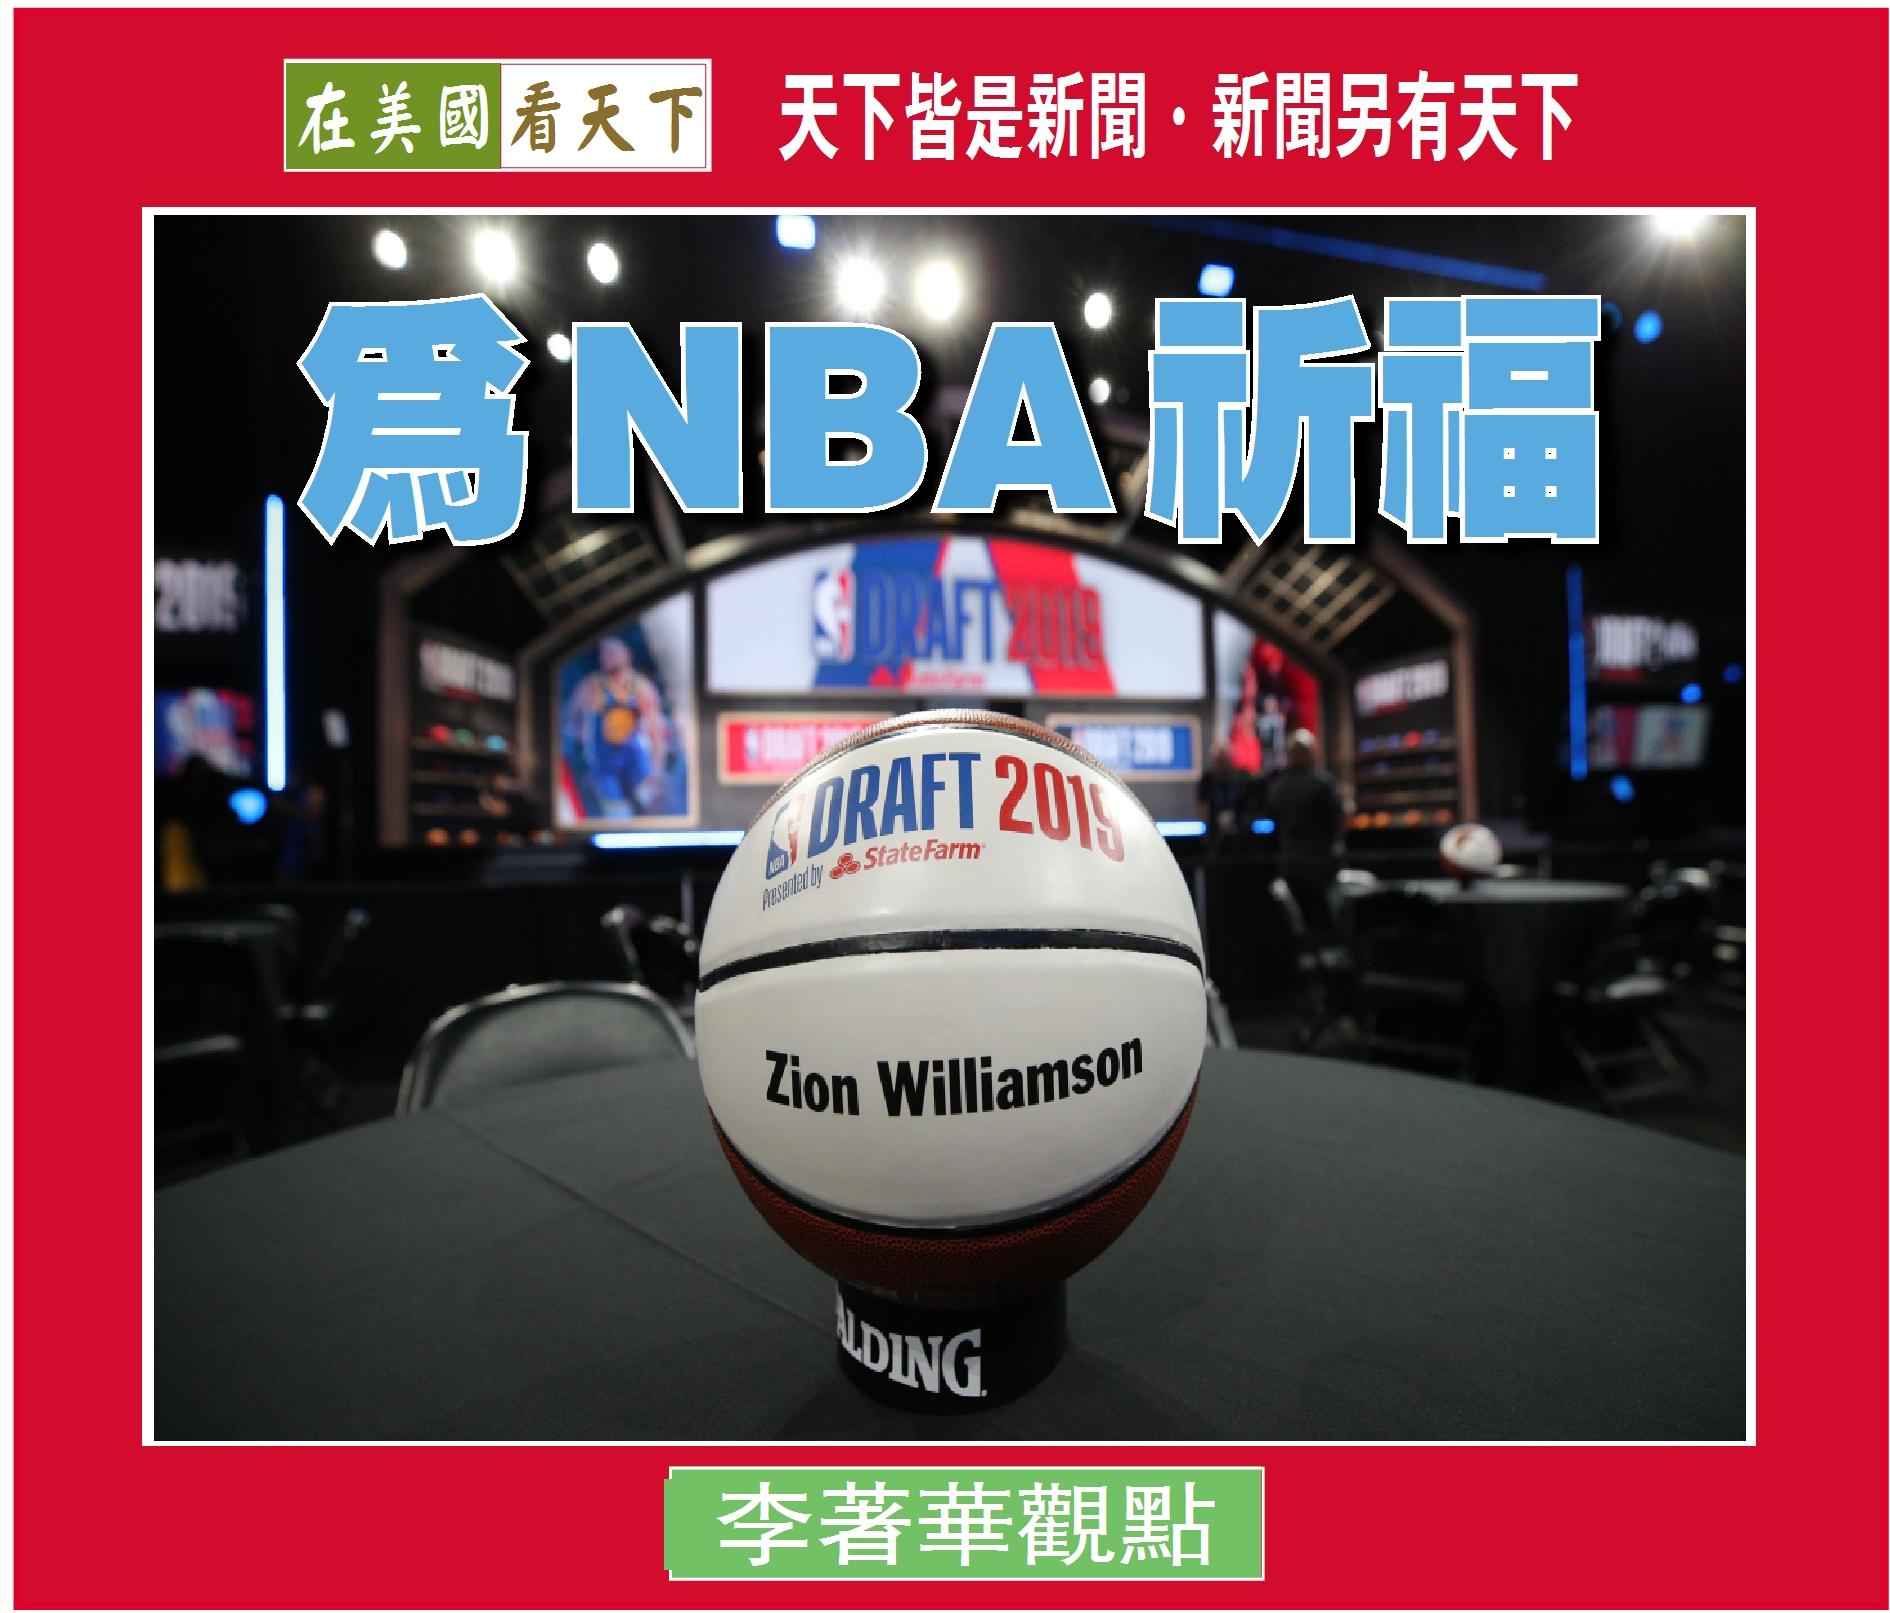 062219- 為NBA祈福-1.jpg